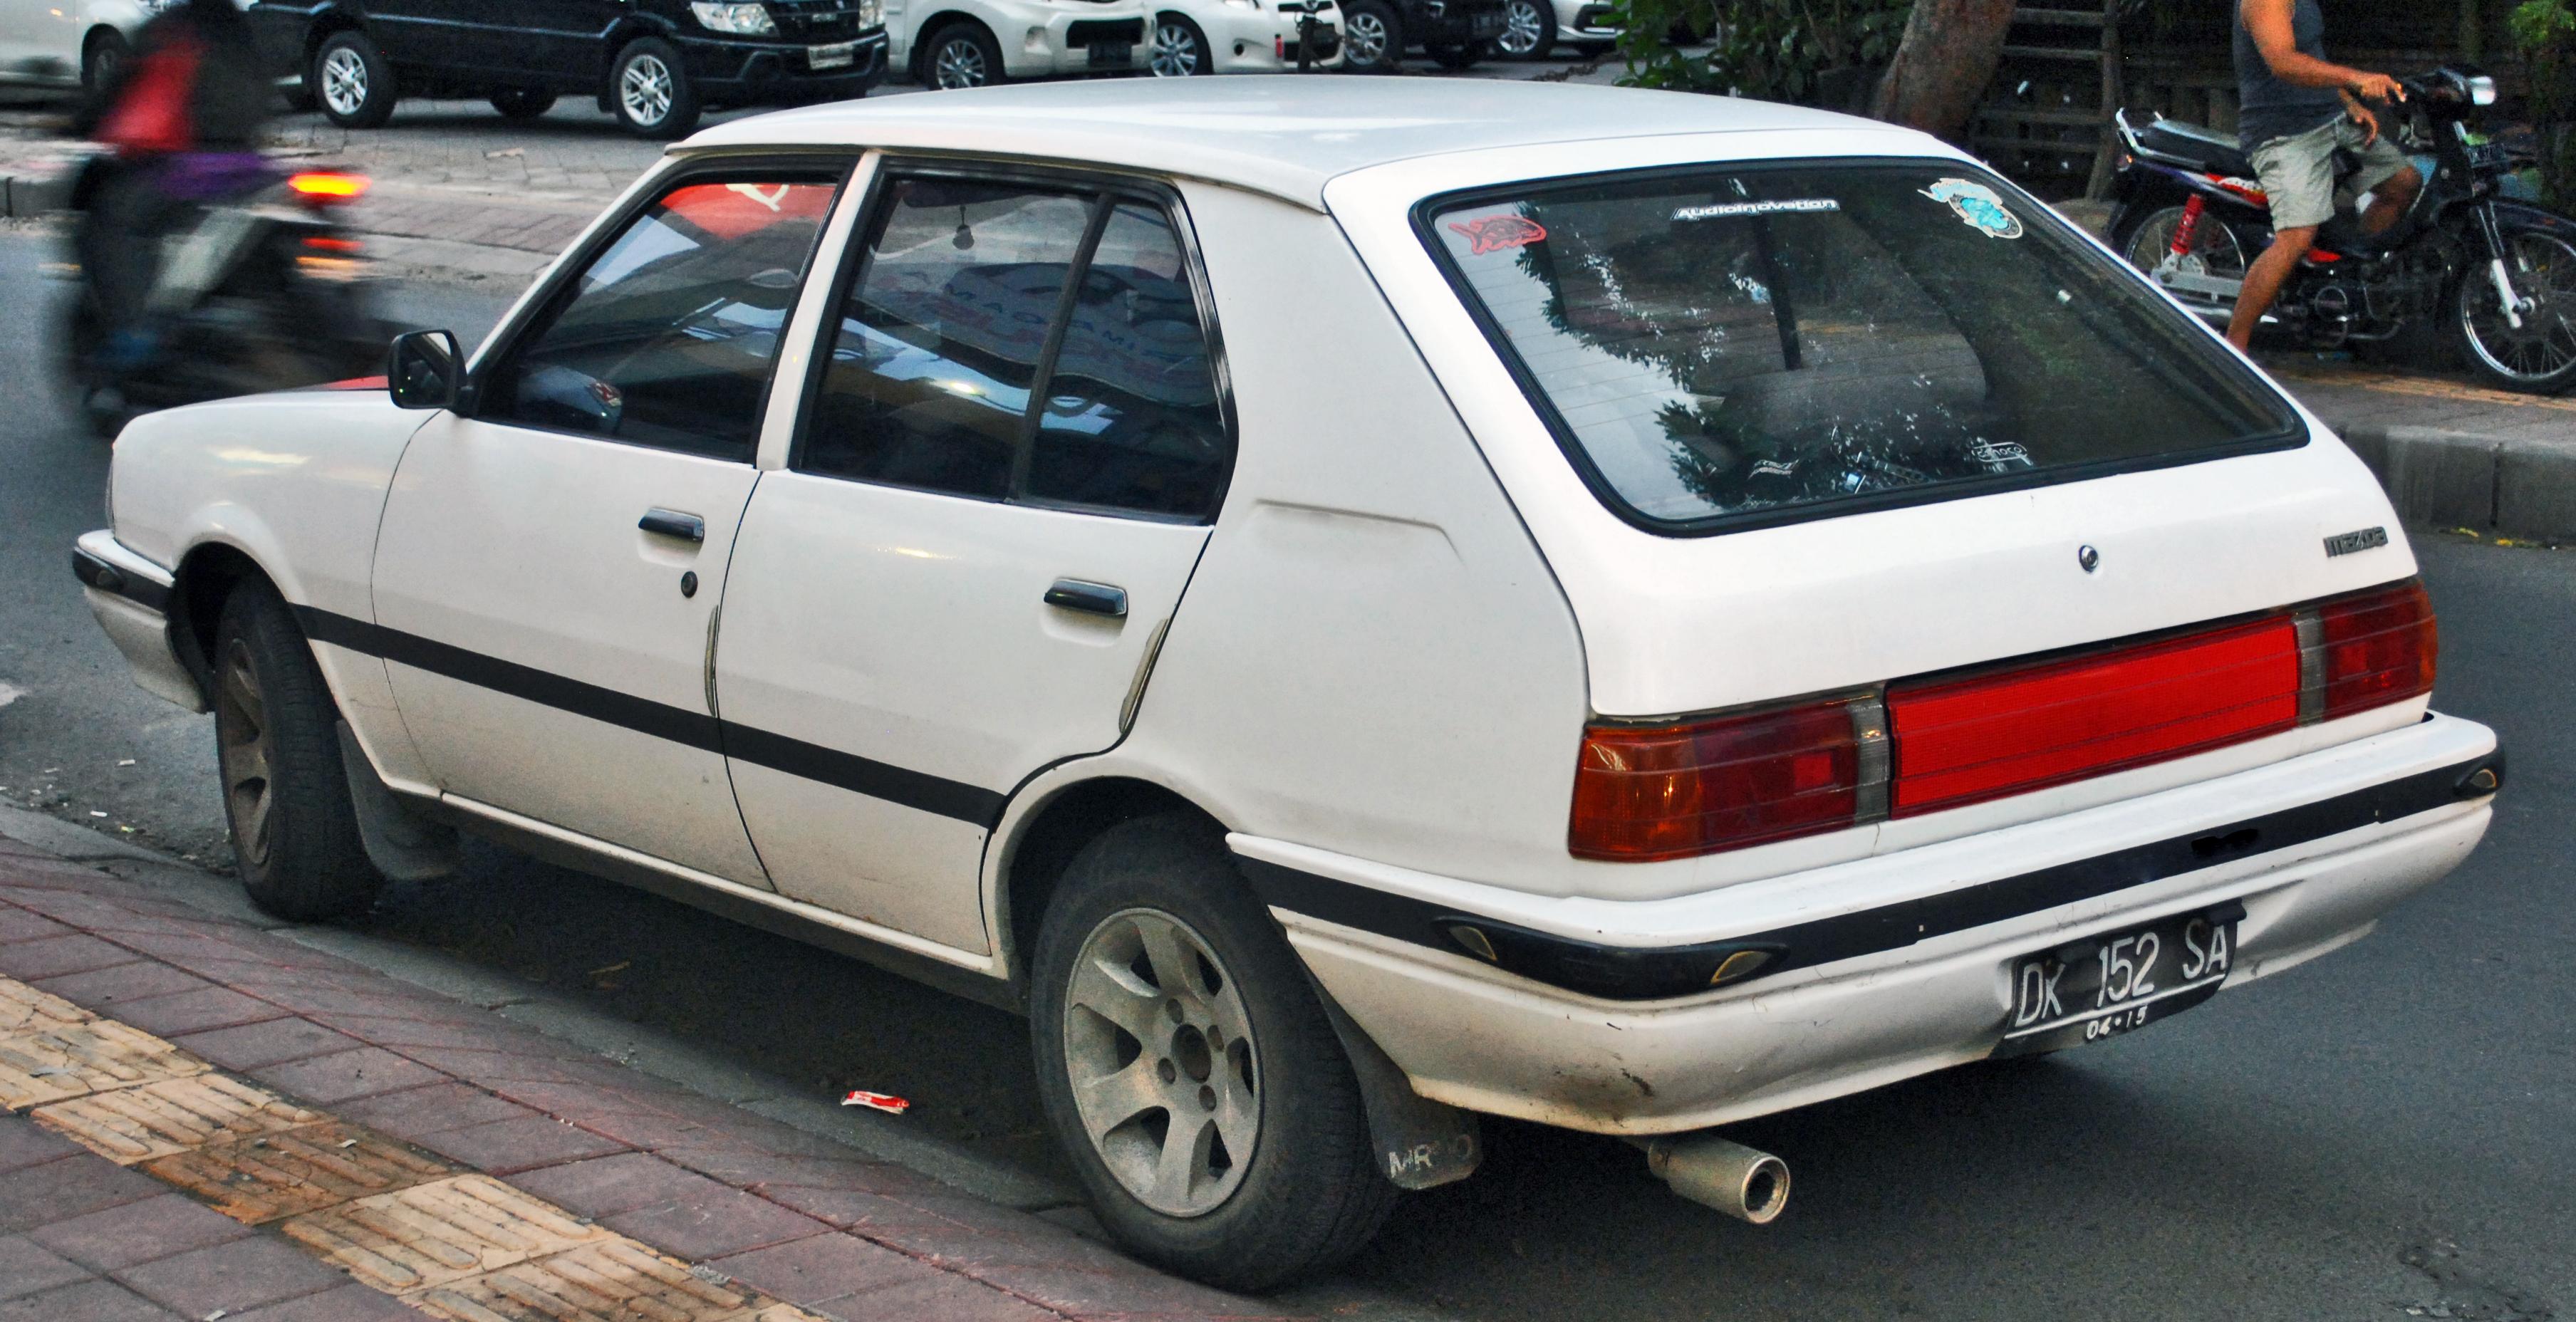 Build Your Mazda >> File:Mazda MR90 (rear), Denpasar.jpg - Wikimedia Commons